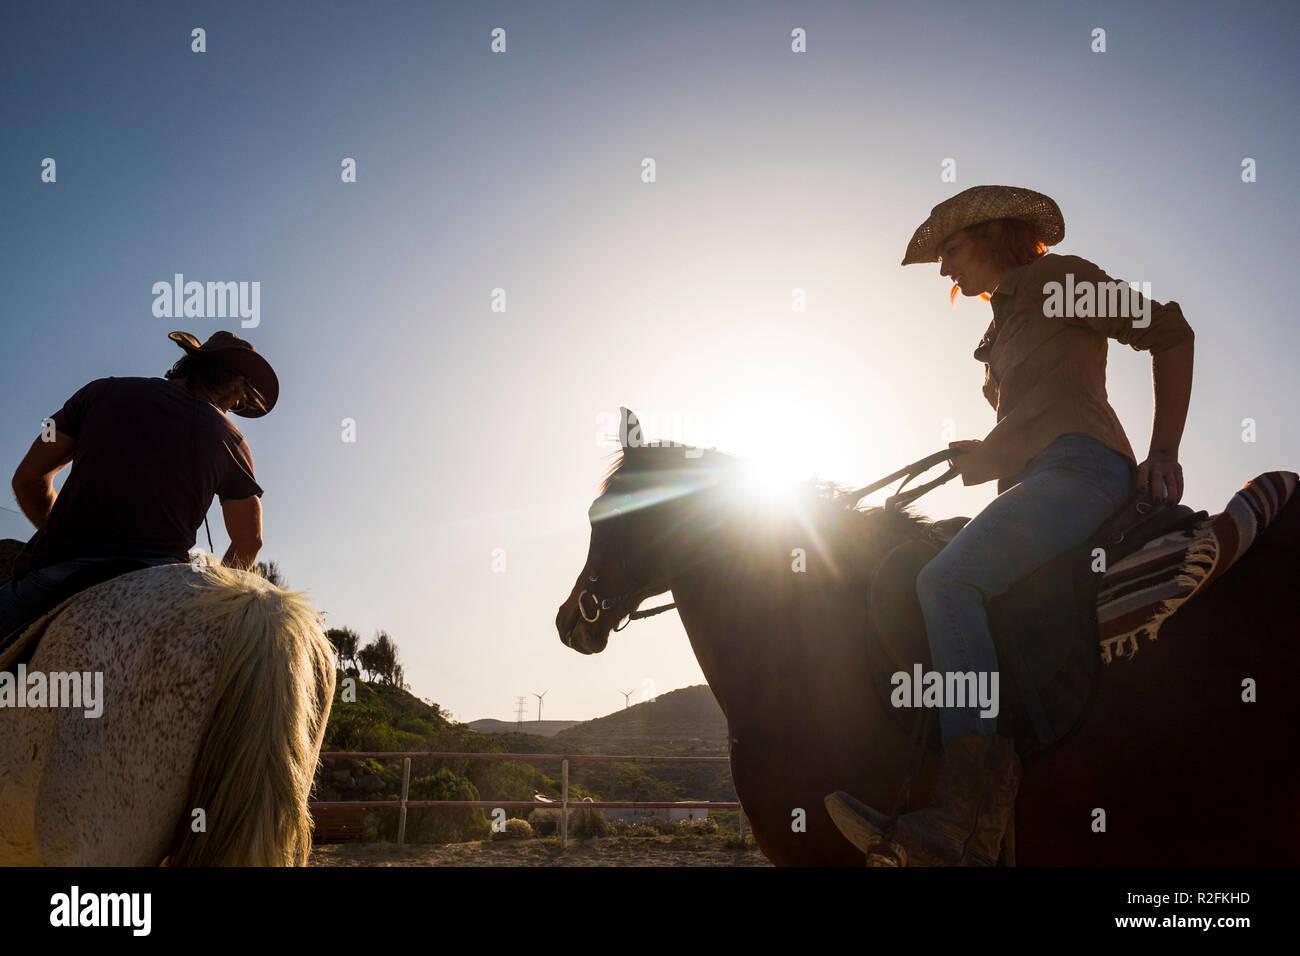 Par de vaqueros modernos hombre y mujer montar dos caballos y sunflare exterior con retroiluminación. montañas y molino de viento de fondo. hermosa joven de vacaciones Foto de stock